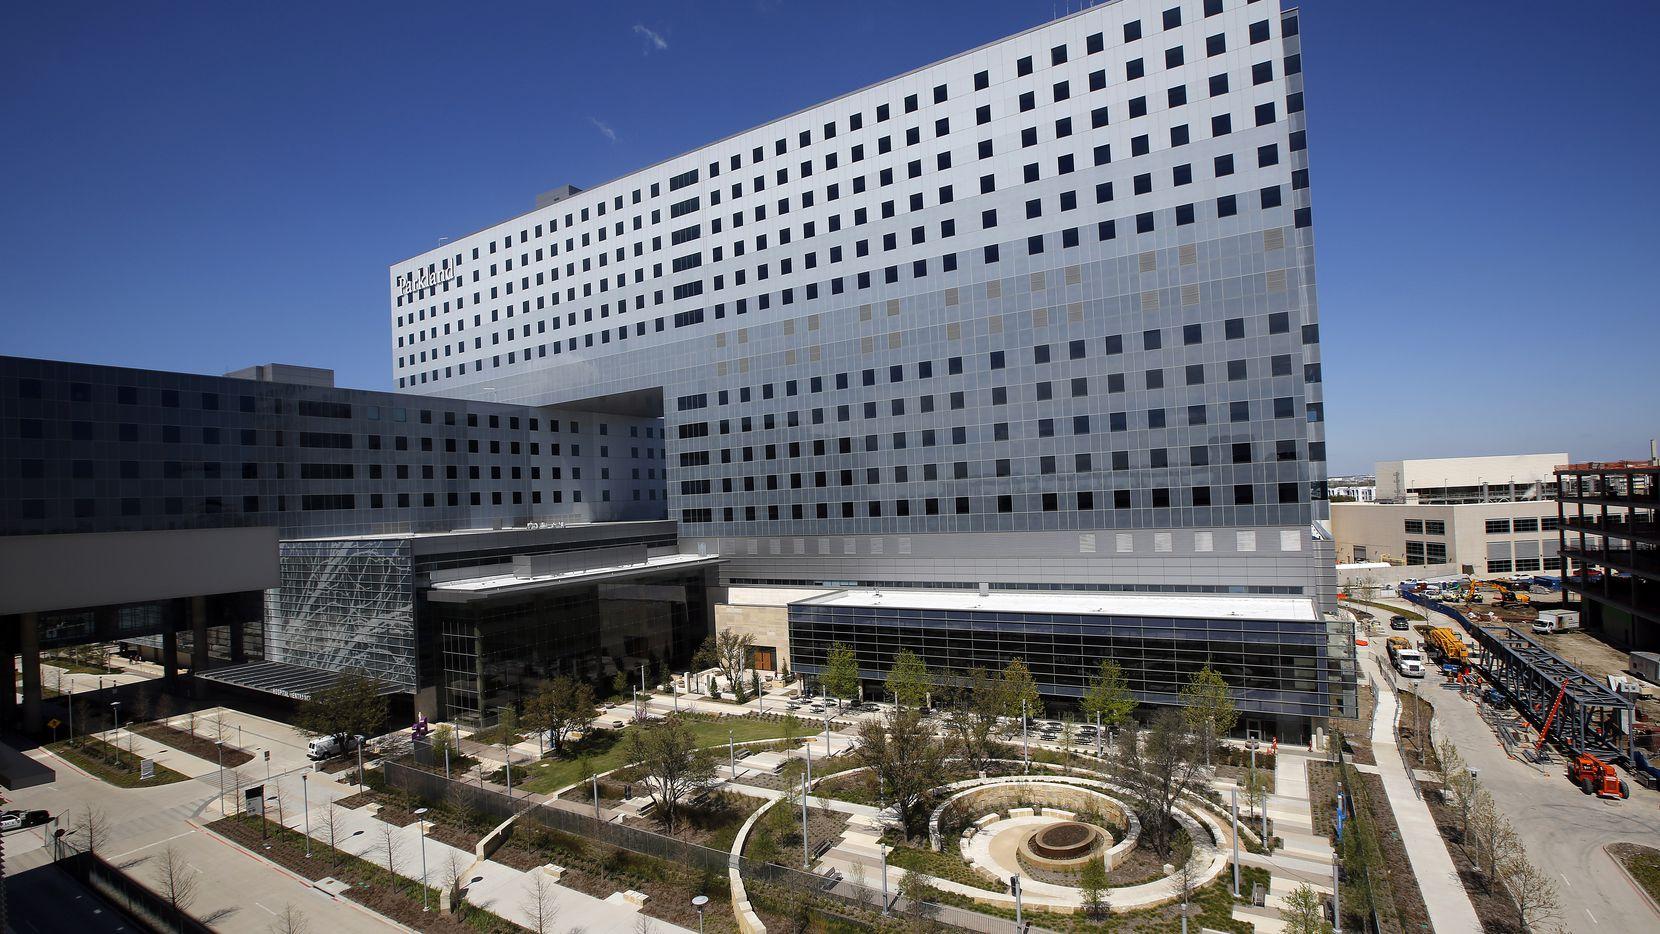 Un paciente con coronavirus está en el Hospital Parkland, según dijo un funcionario de la ciudad.